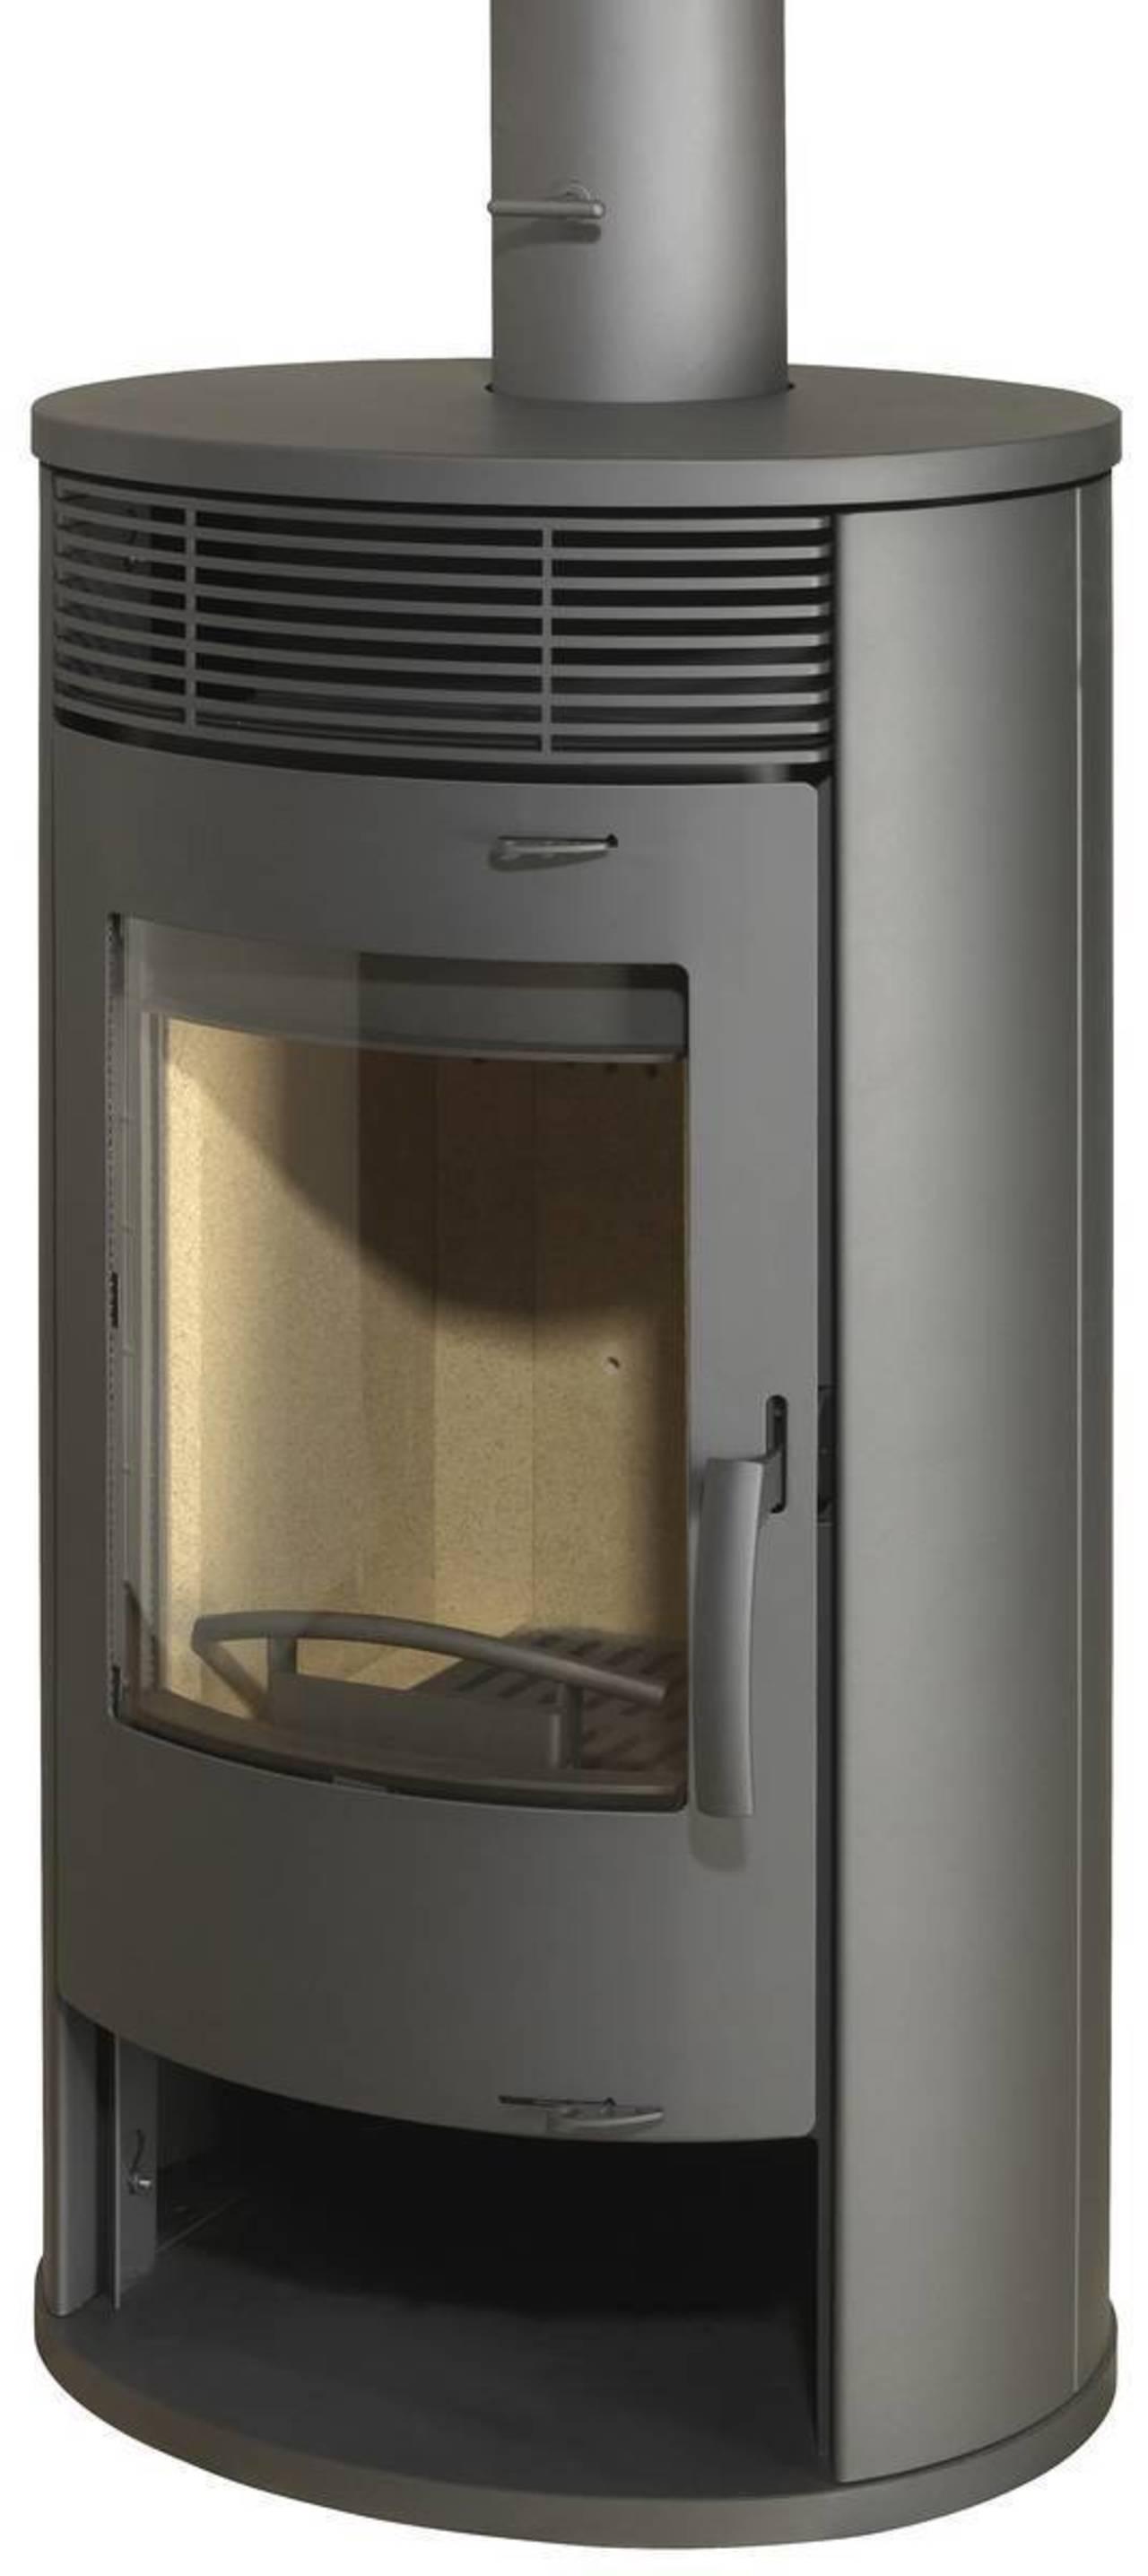 kaminofen thermia klimaanlage und heizung. Black Bedroom Furniture Sets. Home Design Ideas